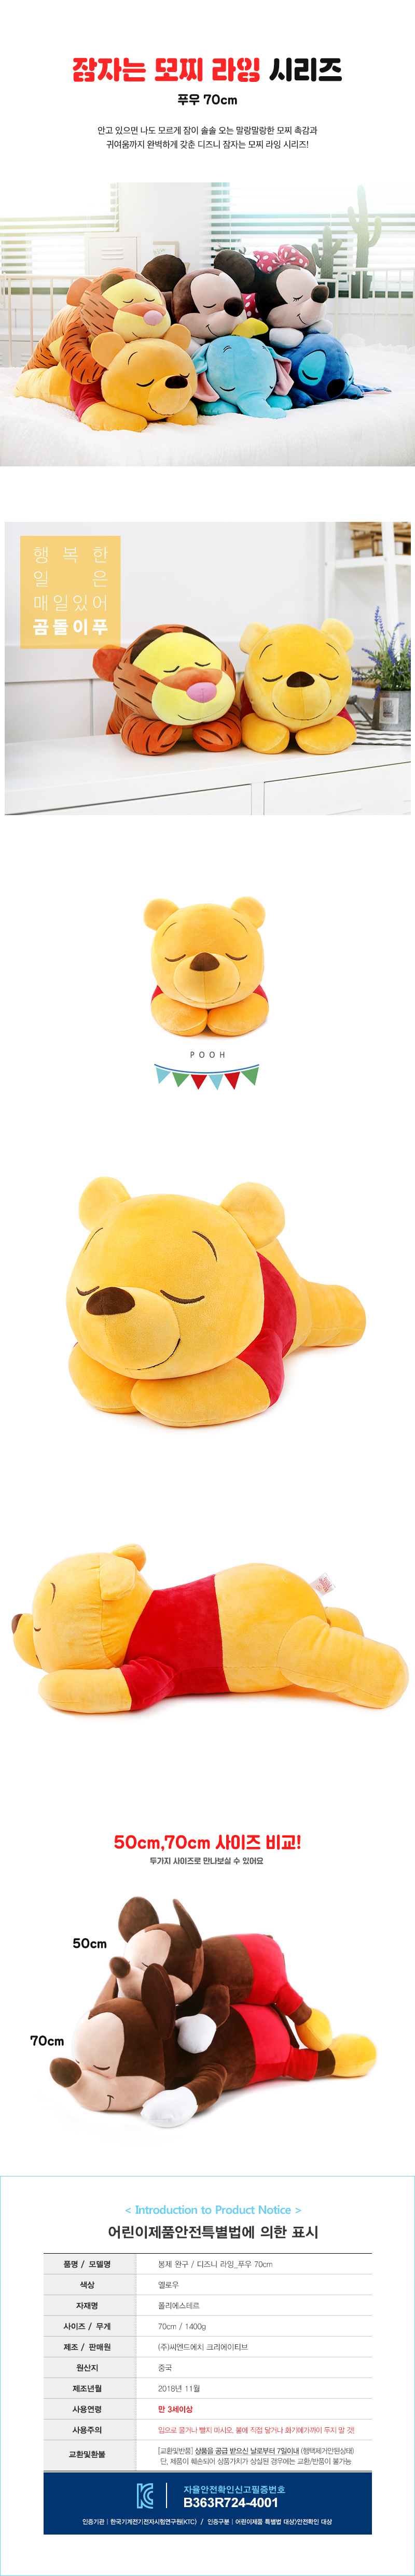 디즈니 모찌 라잉 푸우 70cm - 누리토이즈, 49,500원, 캐릭터인형, 디즈니